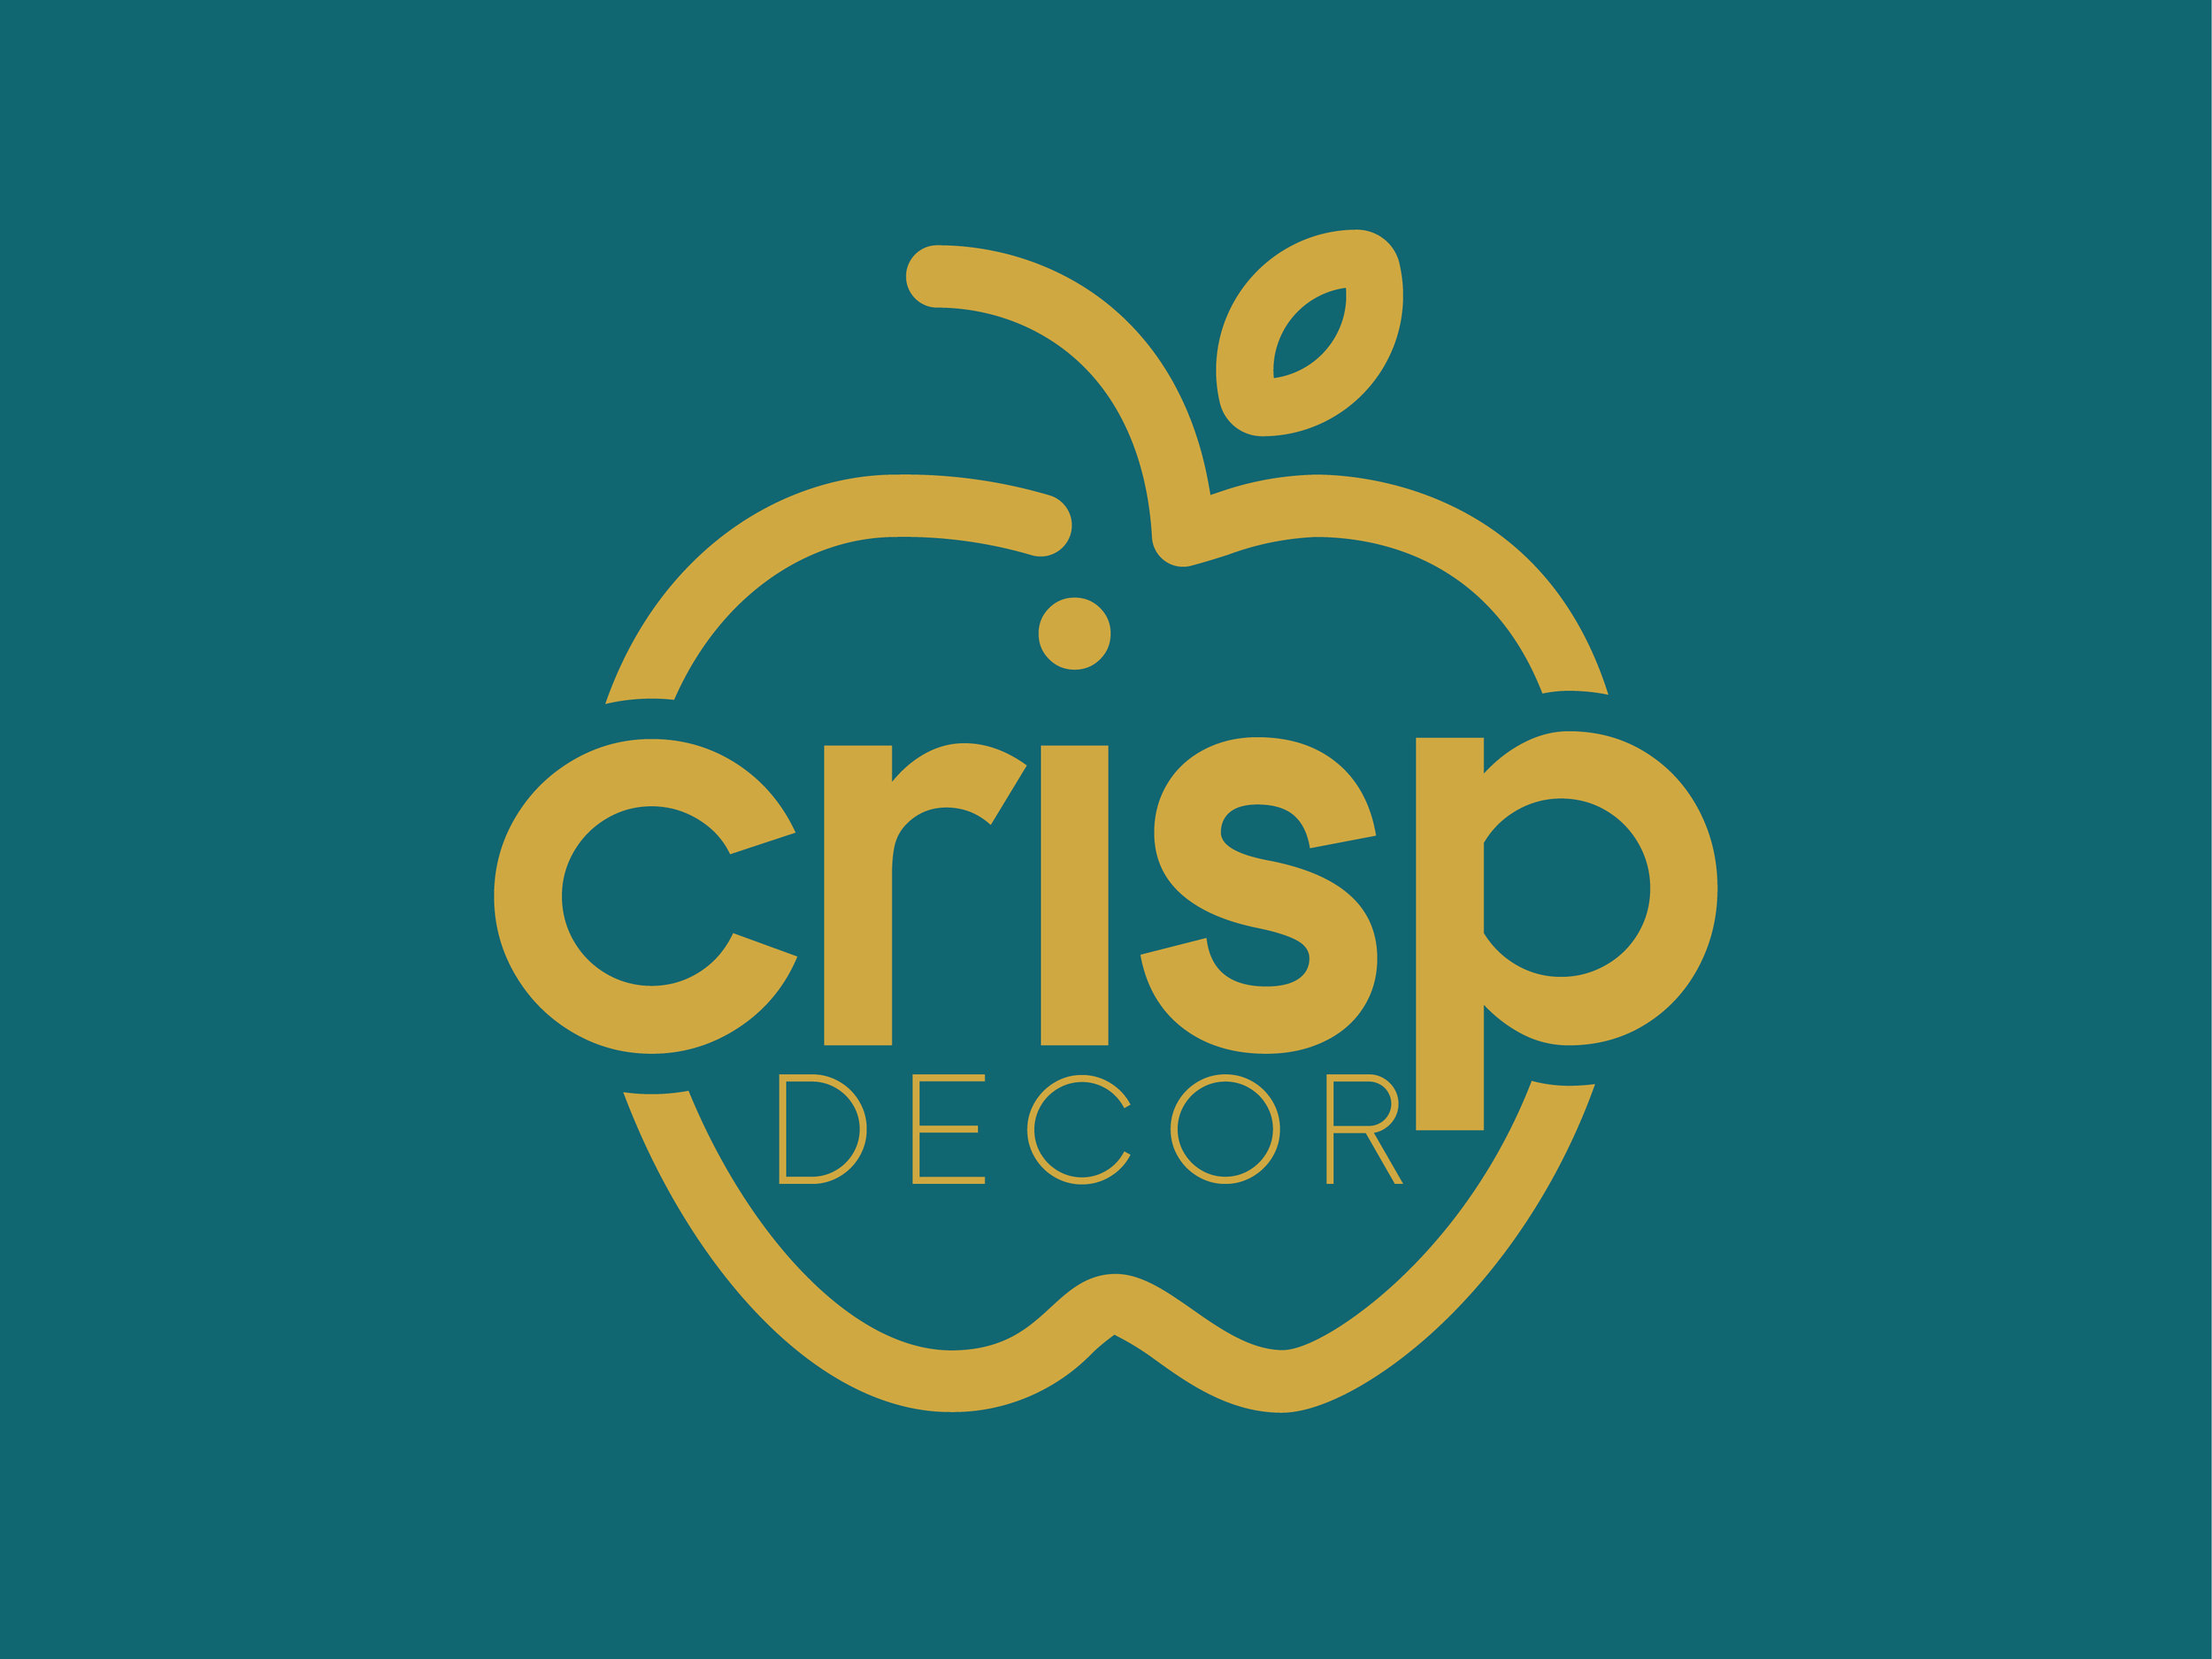 CrispDecorDribbble.jpg